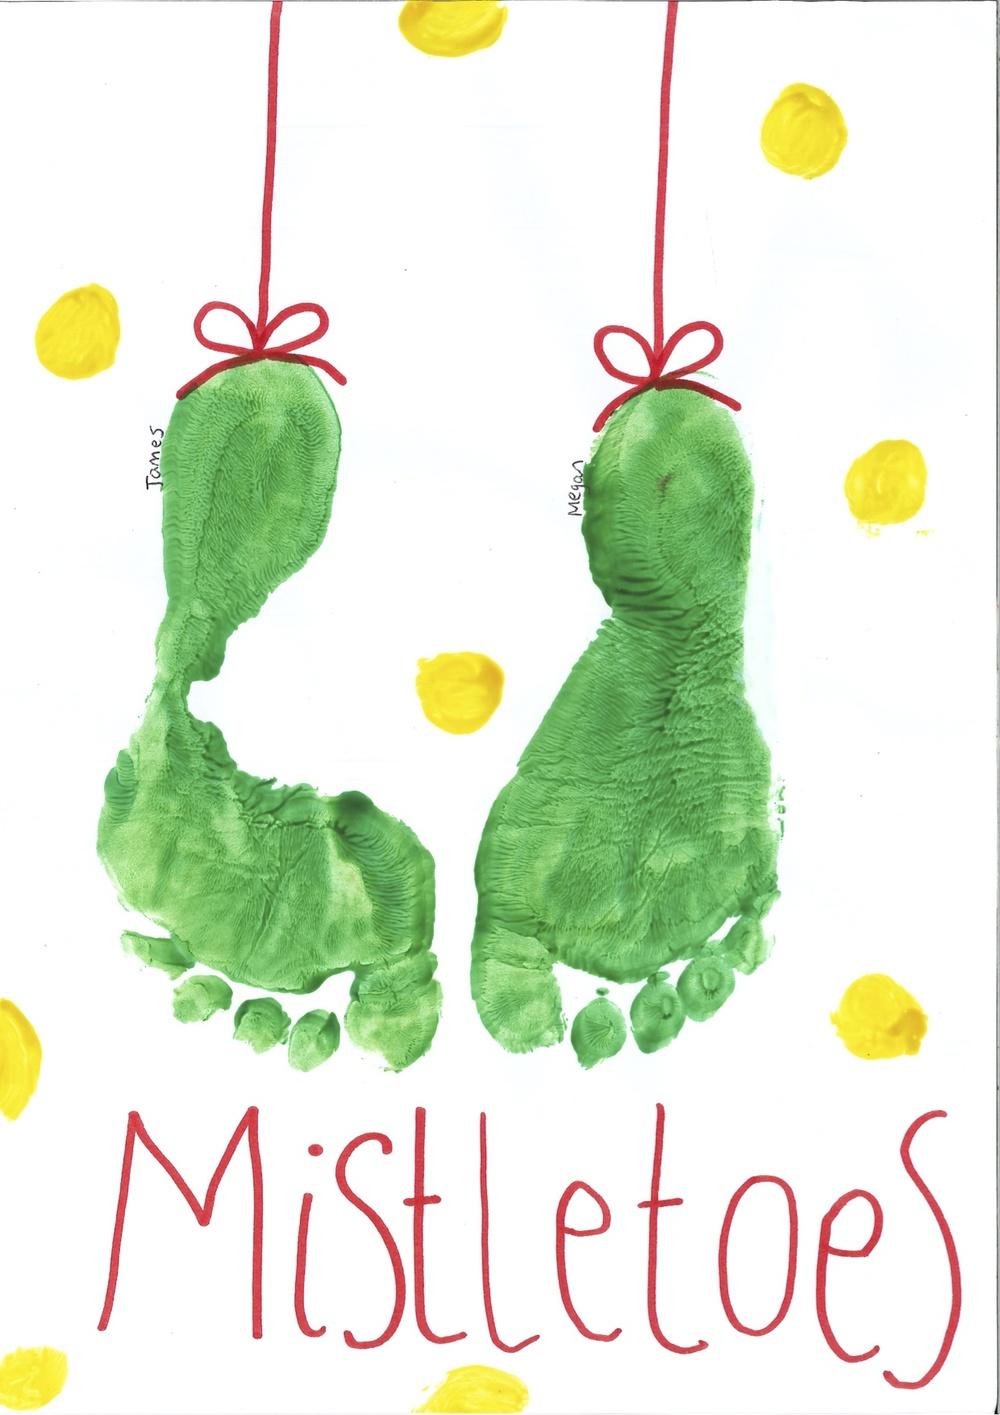 Mistletoes.jpg